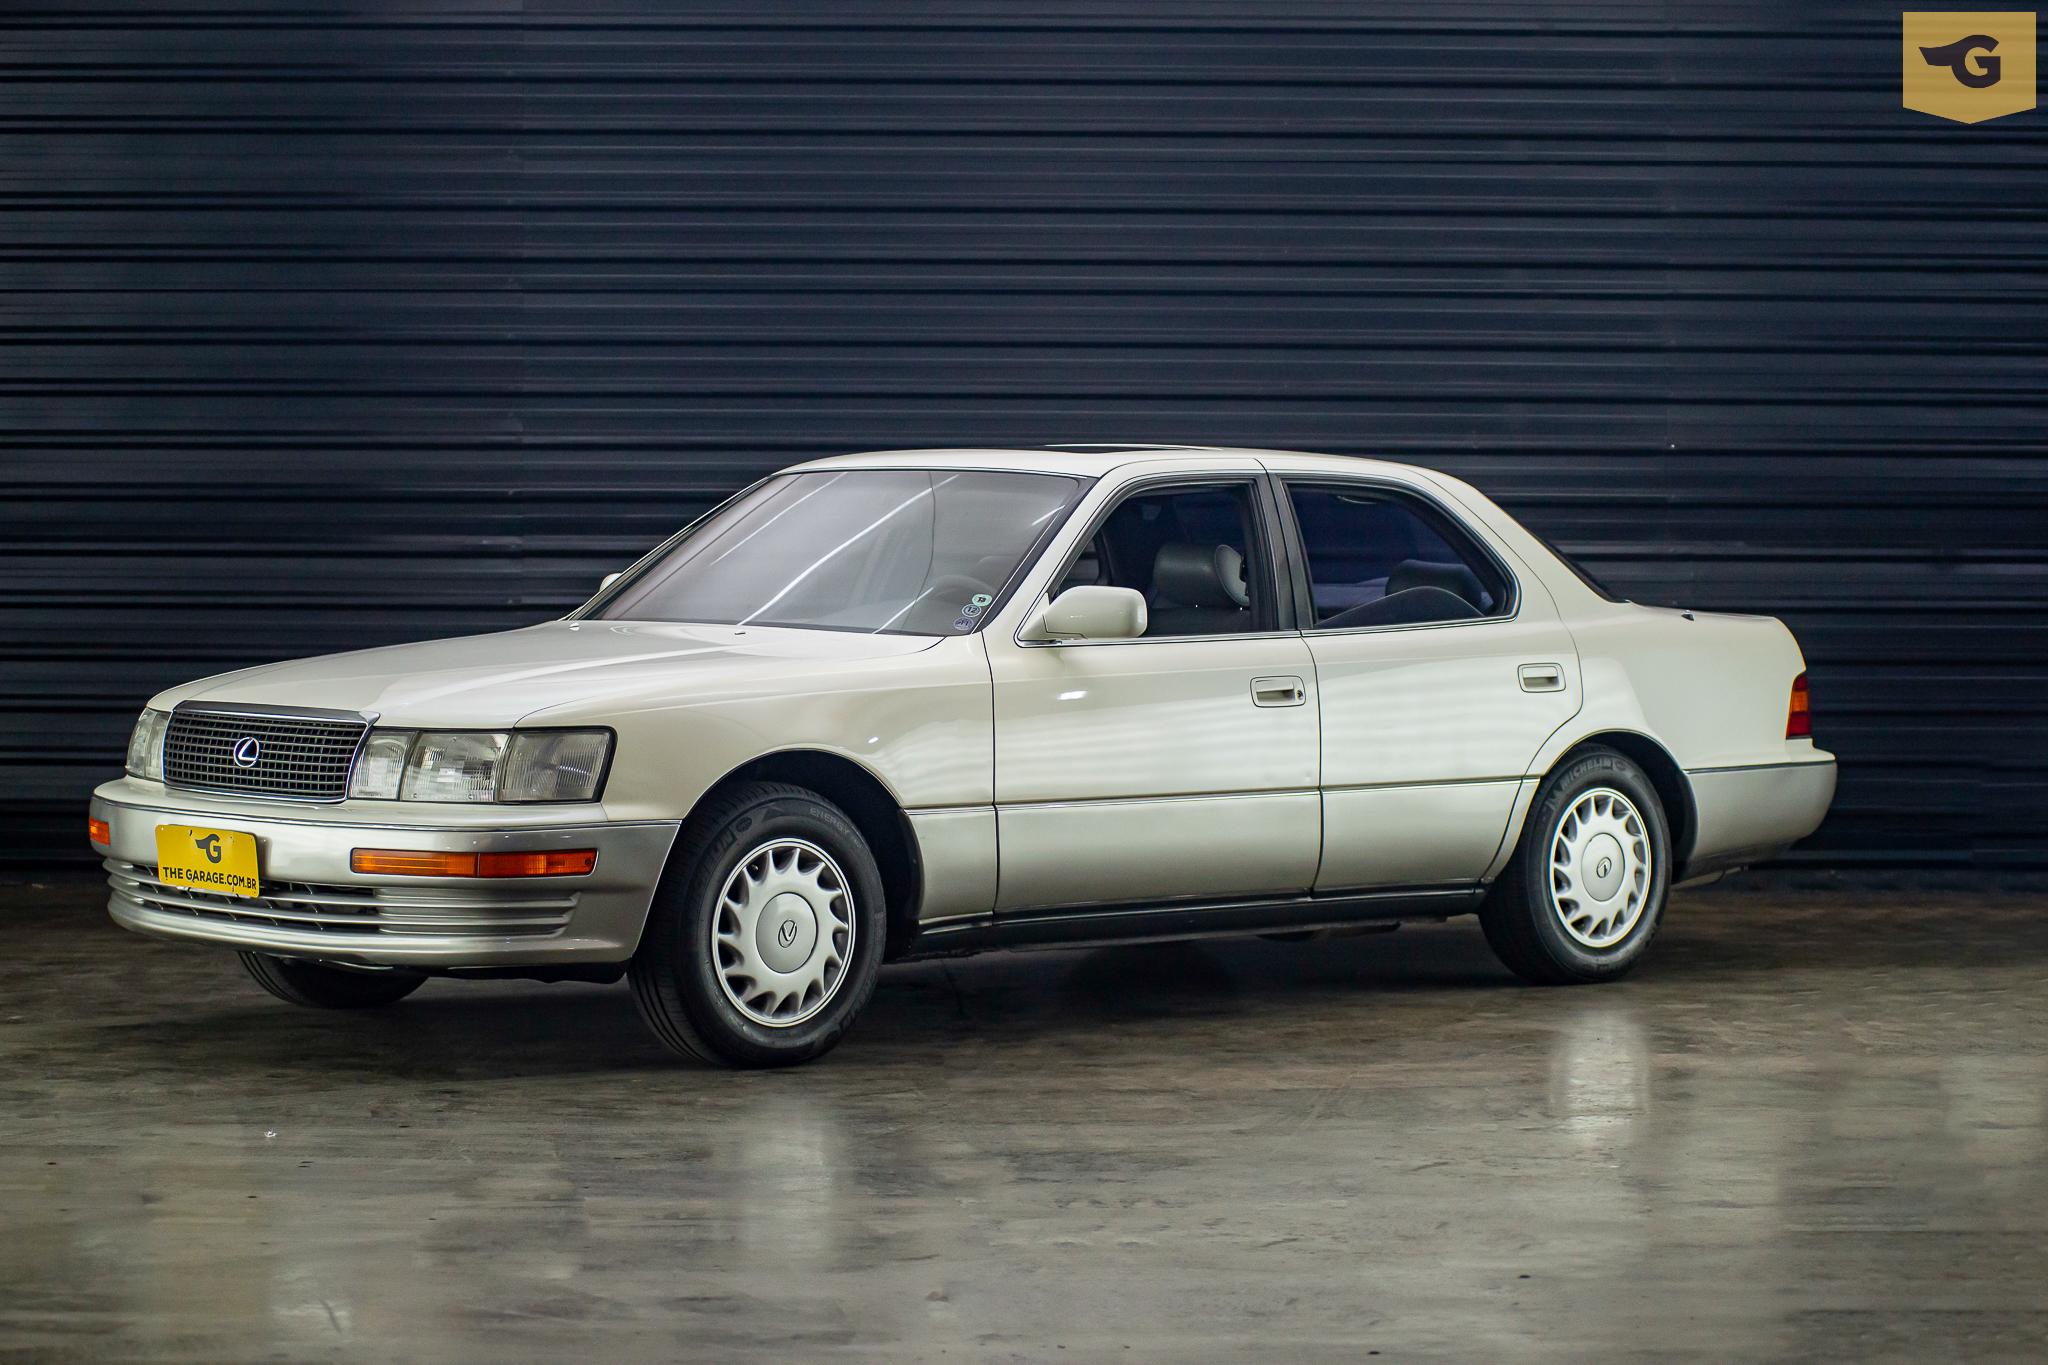 1991-lexus-ls400-a-venda-sao-paulo-sp-for-sale-the-garage-classicos-a-venda-loja-de-carros-antigos--30